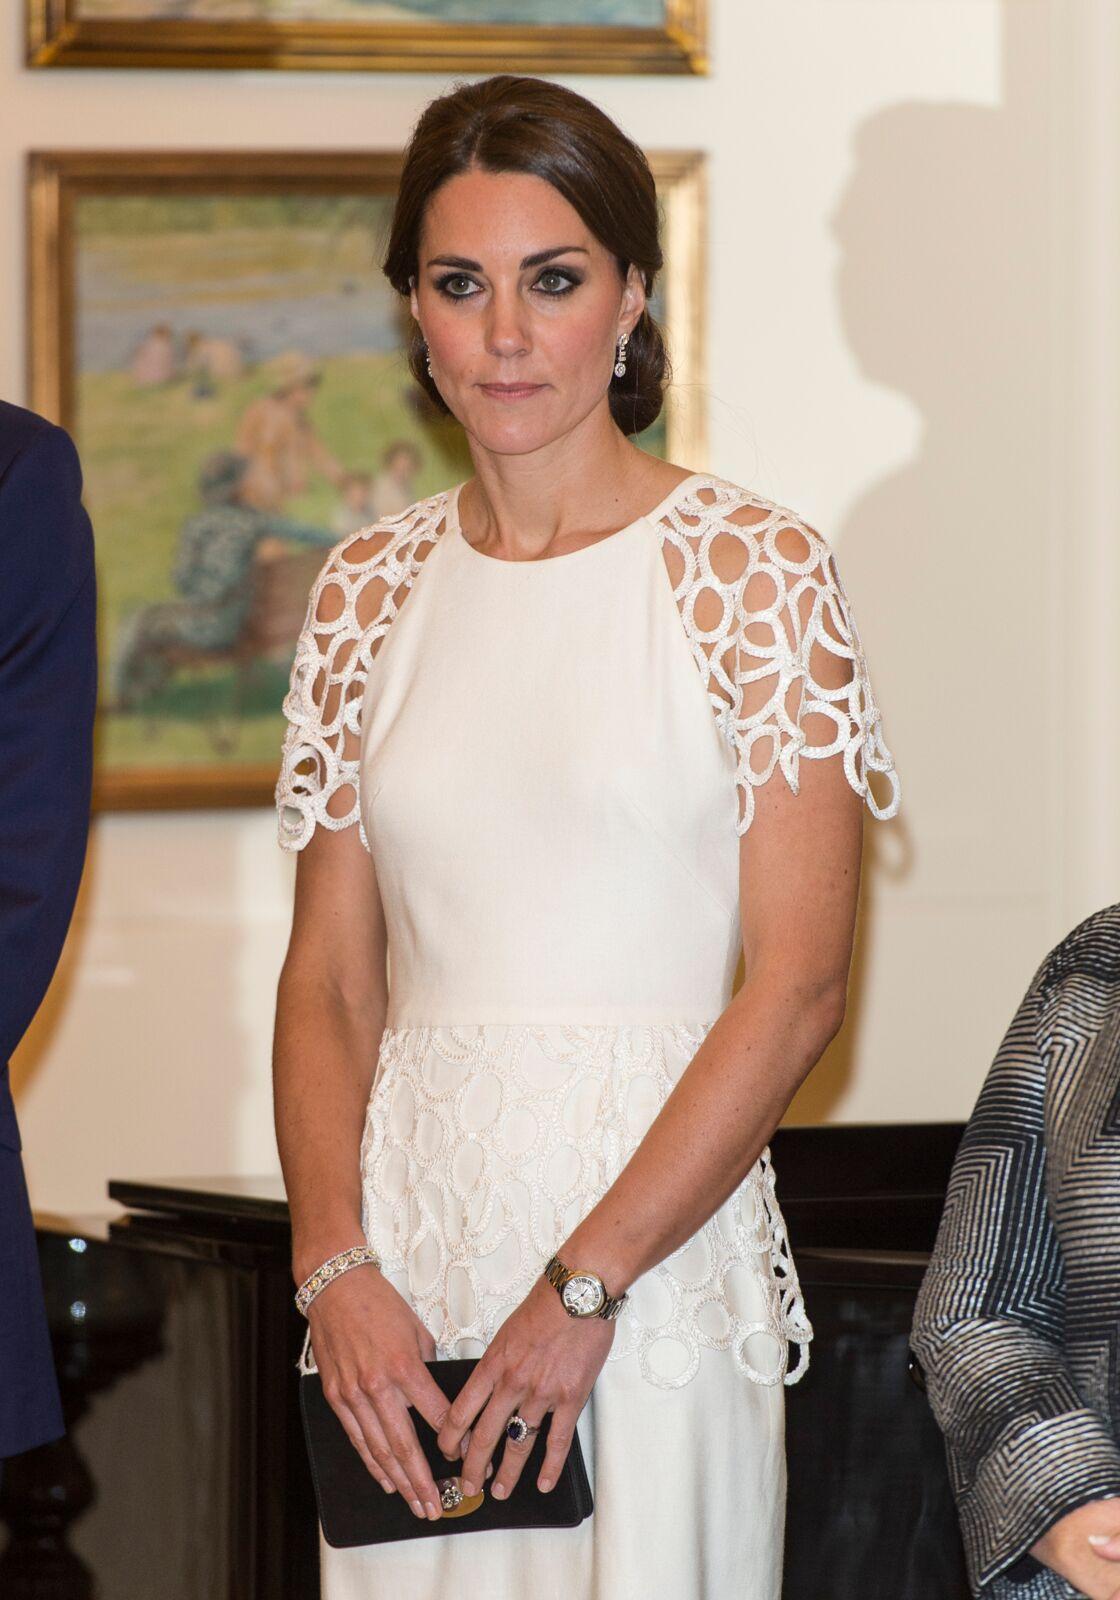 La duchesse de Cambridge, Kate Middleton lors d'une réception à Canberra le 24 avril 2014